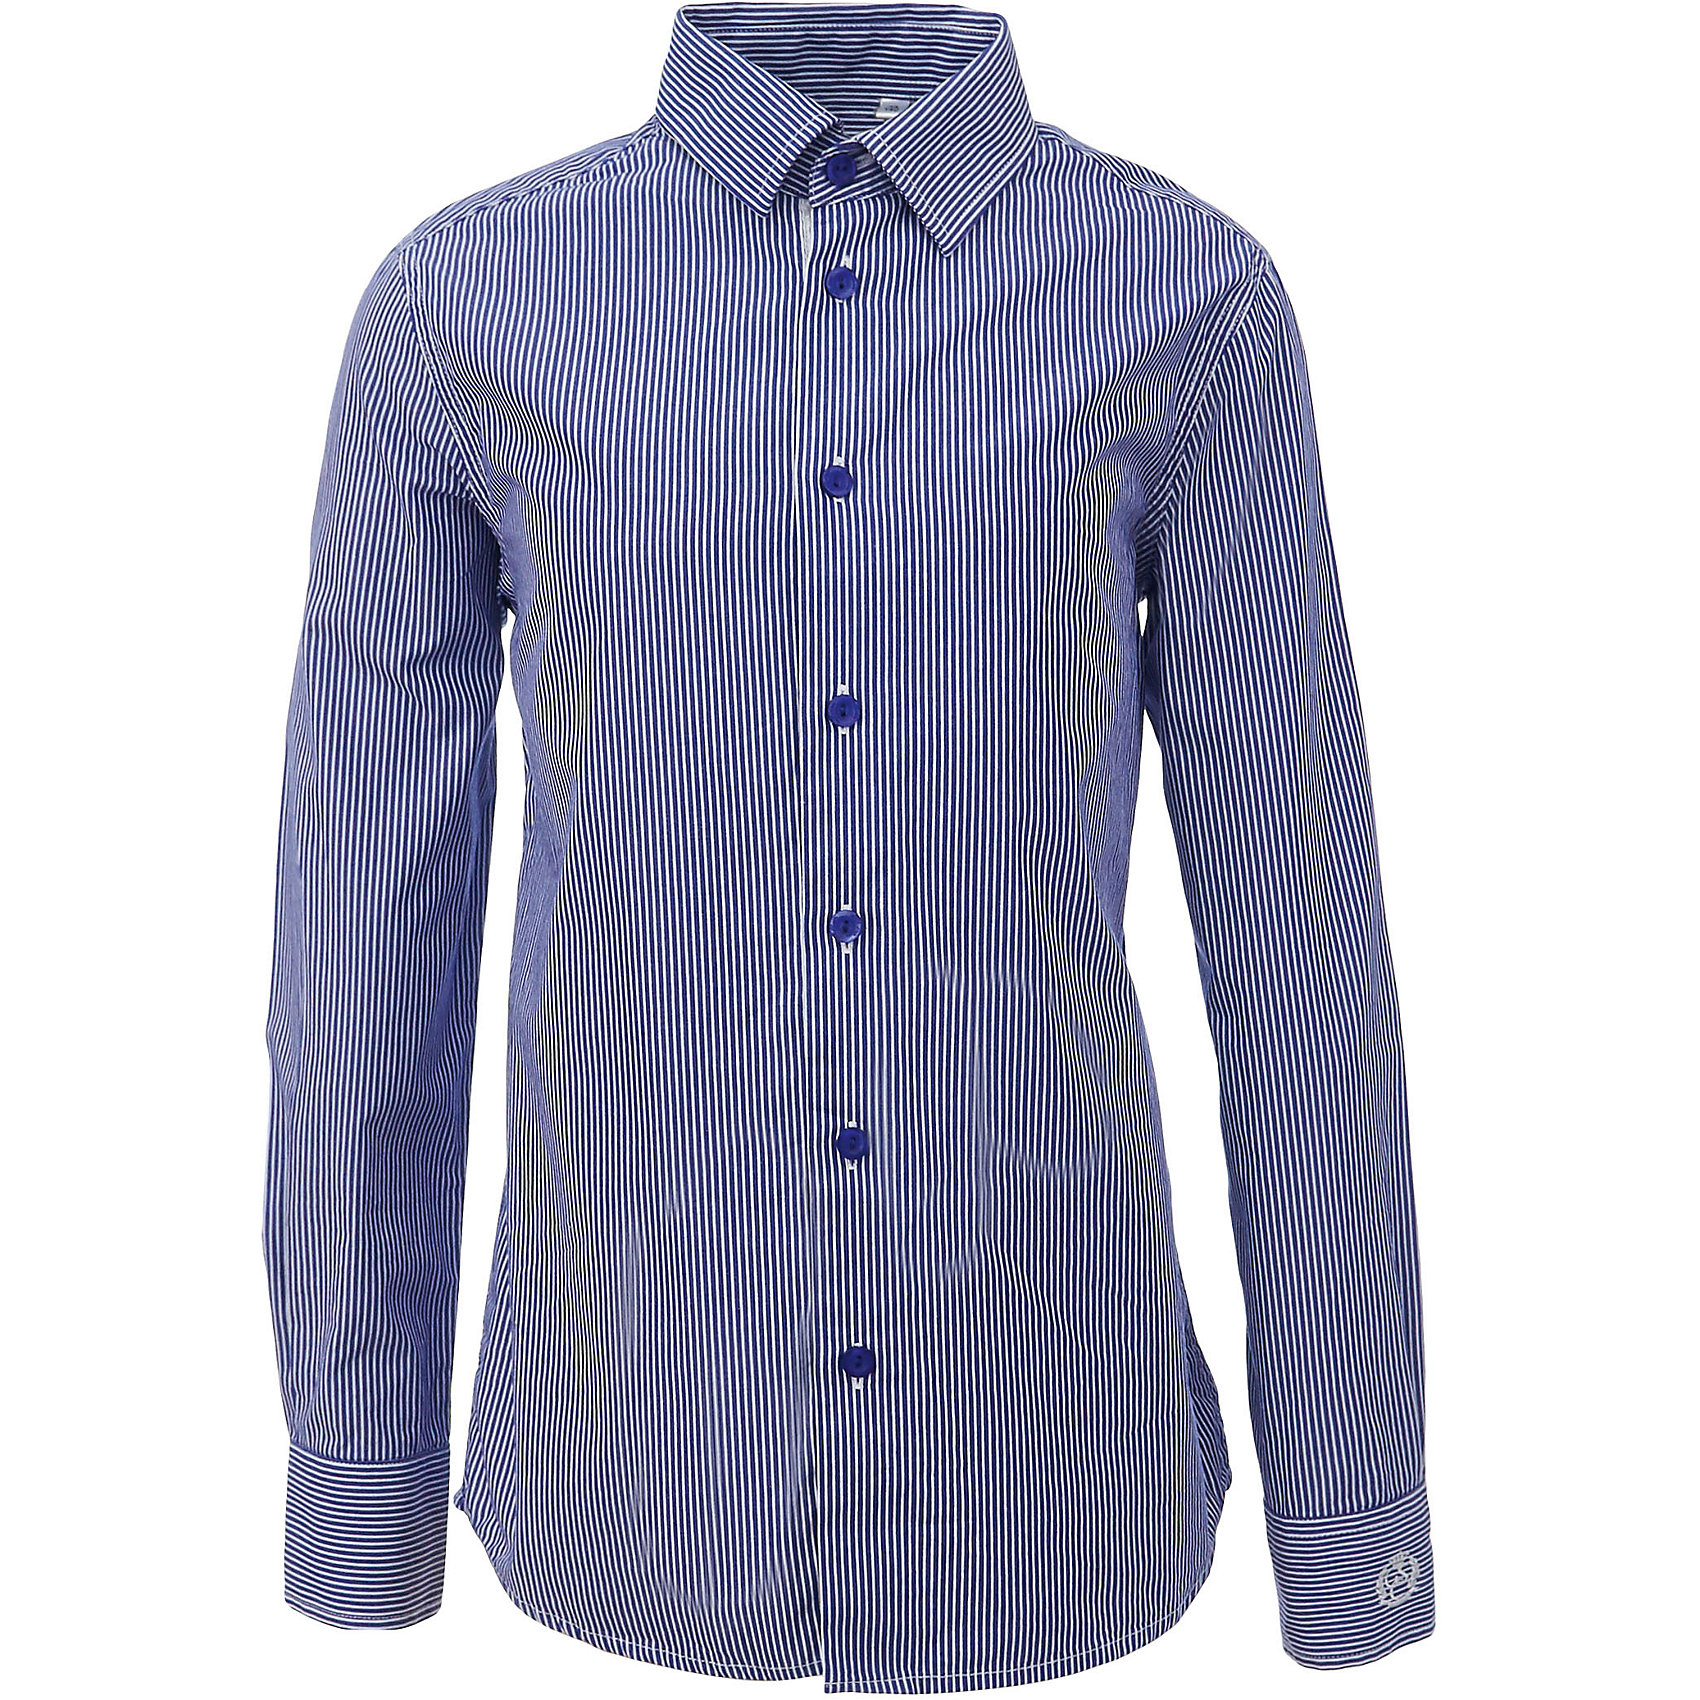 Рубашка для мальчика GulliverБлузки и рубашки<br>Характеристики товара:<br><br>• цвет: синий<br>• состав: 80% хлопок, 20% полиэстер <br>• сезон: круглый год<br>• с длинным рукавом<br>• воротник-стойка<br>• застежки: пуговицы<br>• манжеты на трех пуговицах<br>• особенности: школьная, повседевная, в полоску<br>• страна бренда: Российская Федерация<br>• страна производства: Российская Федерация<br><br>Школьная рубашка с длинным рукавом для мальчика. Синяя рубашка в полоску застегивается на пуговицы, манжеты рукавов на трех пуговицах.<br><br>Рубашку для мальчика Gulliver (Гулливер) можно купить в нашем интернет-магазине.<br><br>Ширина мм: 174<br>Глубина мм: 10<br>Высота мм: 169<br>Вес г: 157<br>Цвет: синий<br>Возраст от месяцев: 72<br>Возраст до месяцев: 84<br>Пол: Мужской<br>Возраст: Детский<br>Размер: 122,170,128,134,140,146,152,158,164<br>SKU: 6678376